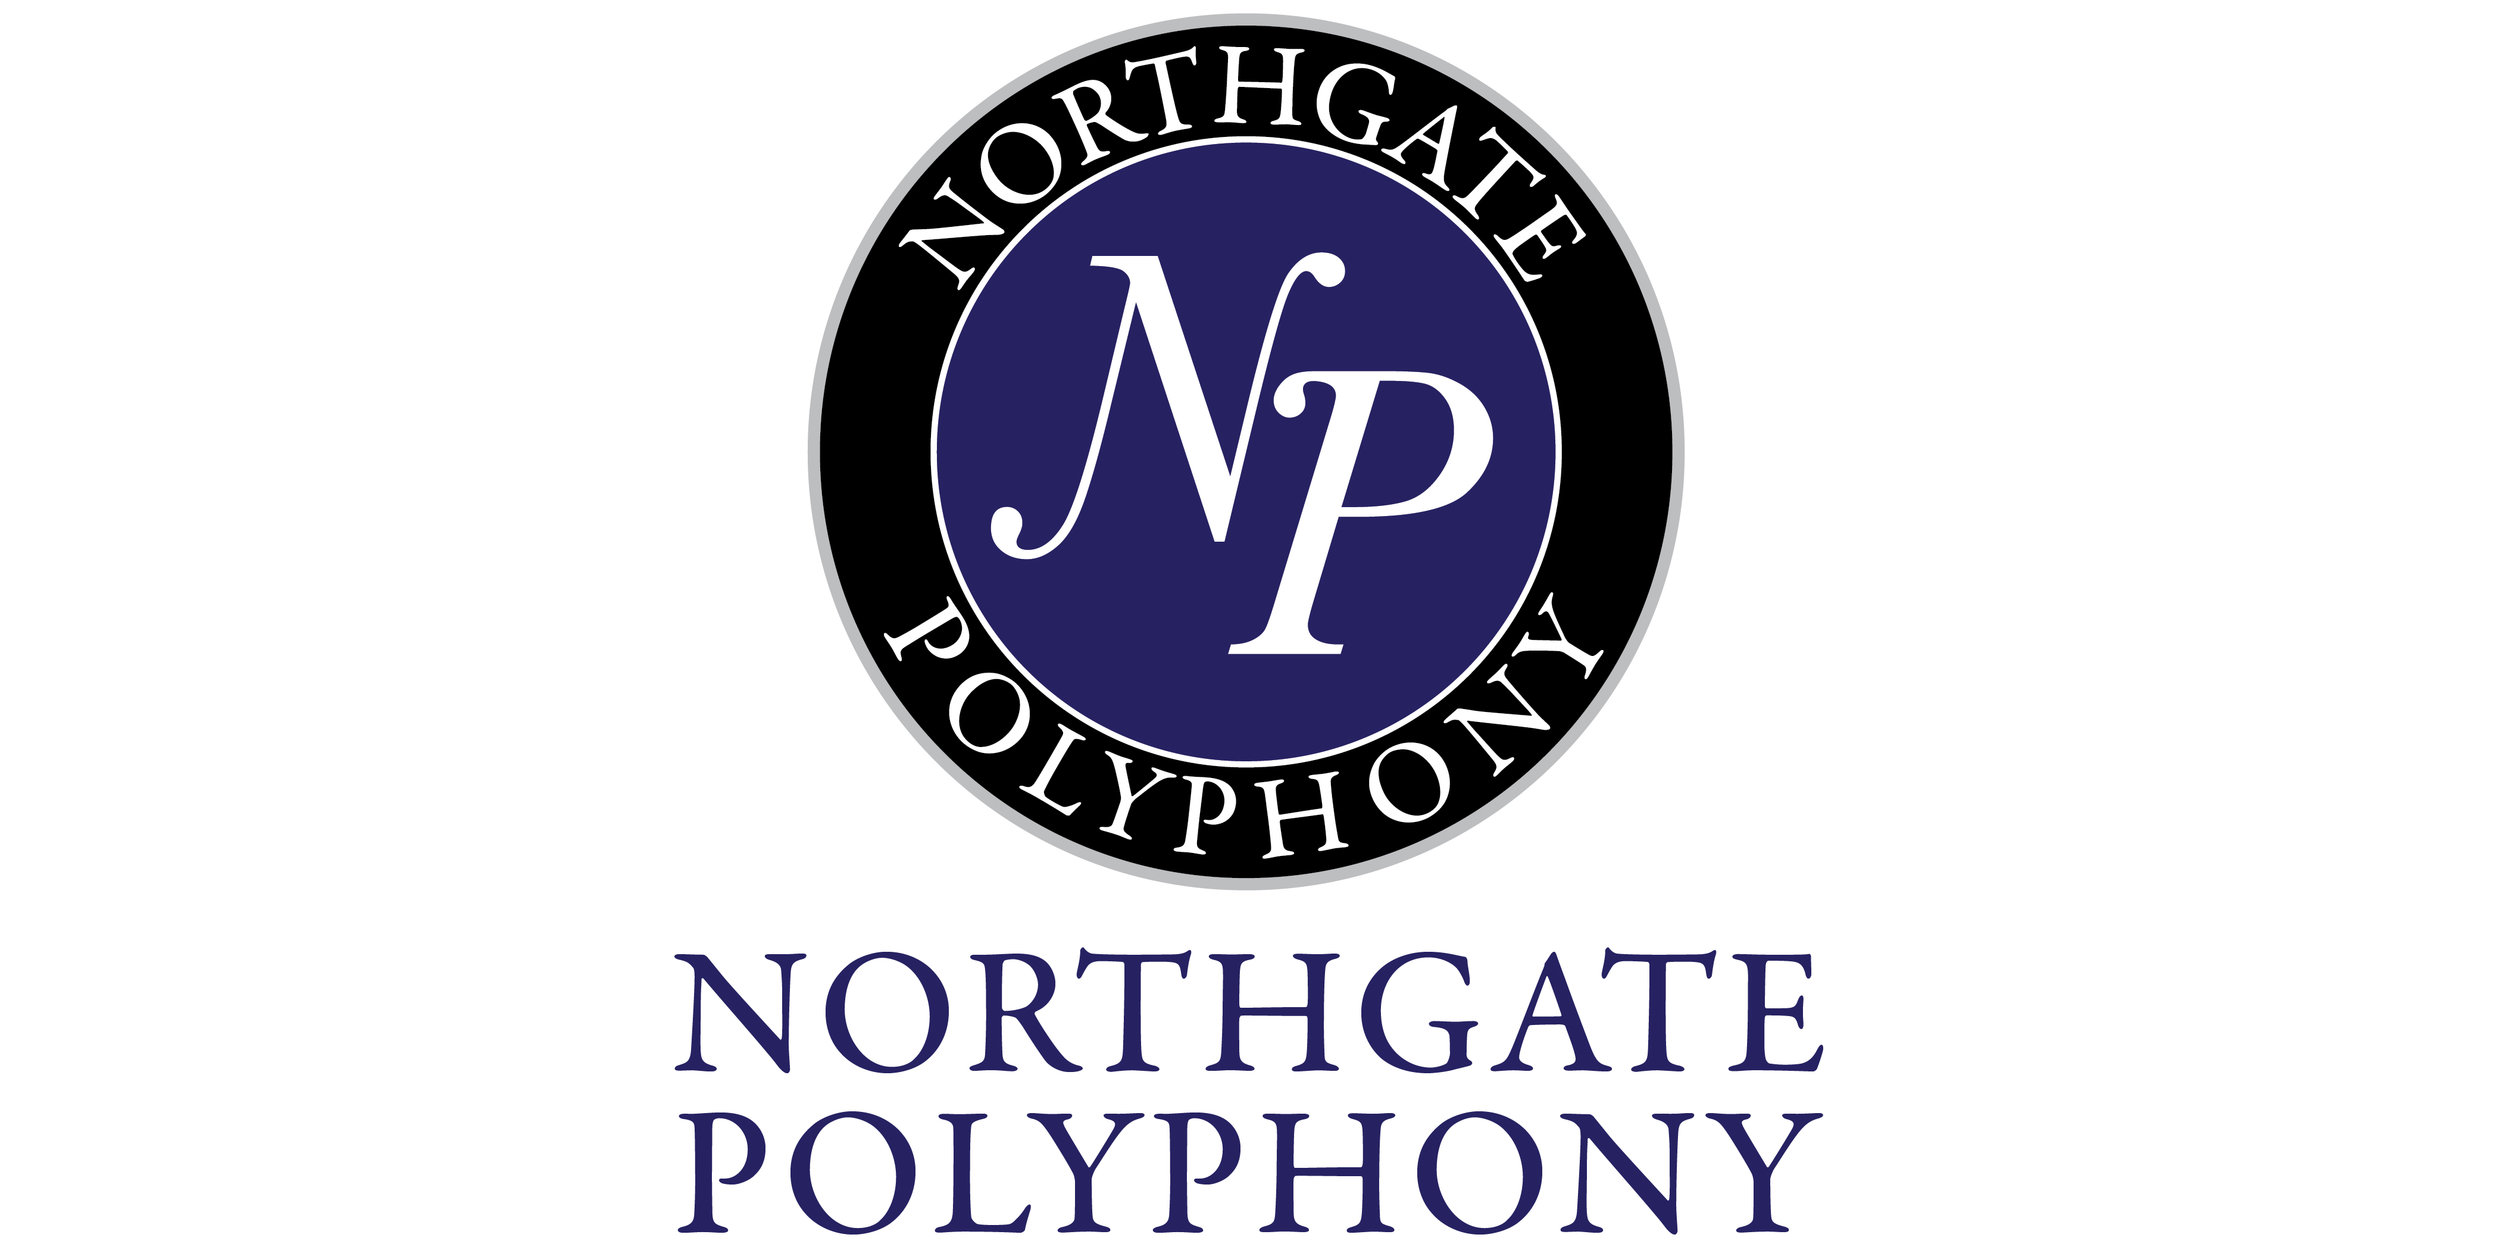 22404 Northgate Polyphony(16x9).jpg